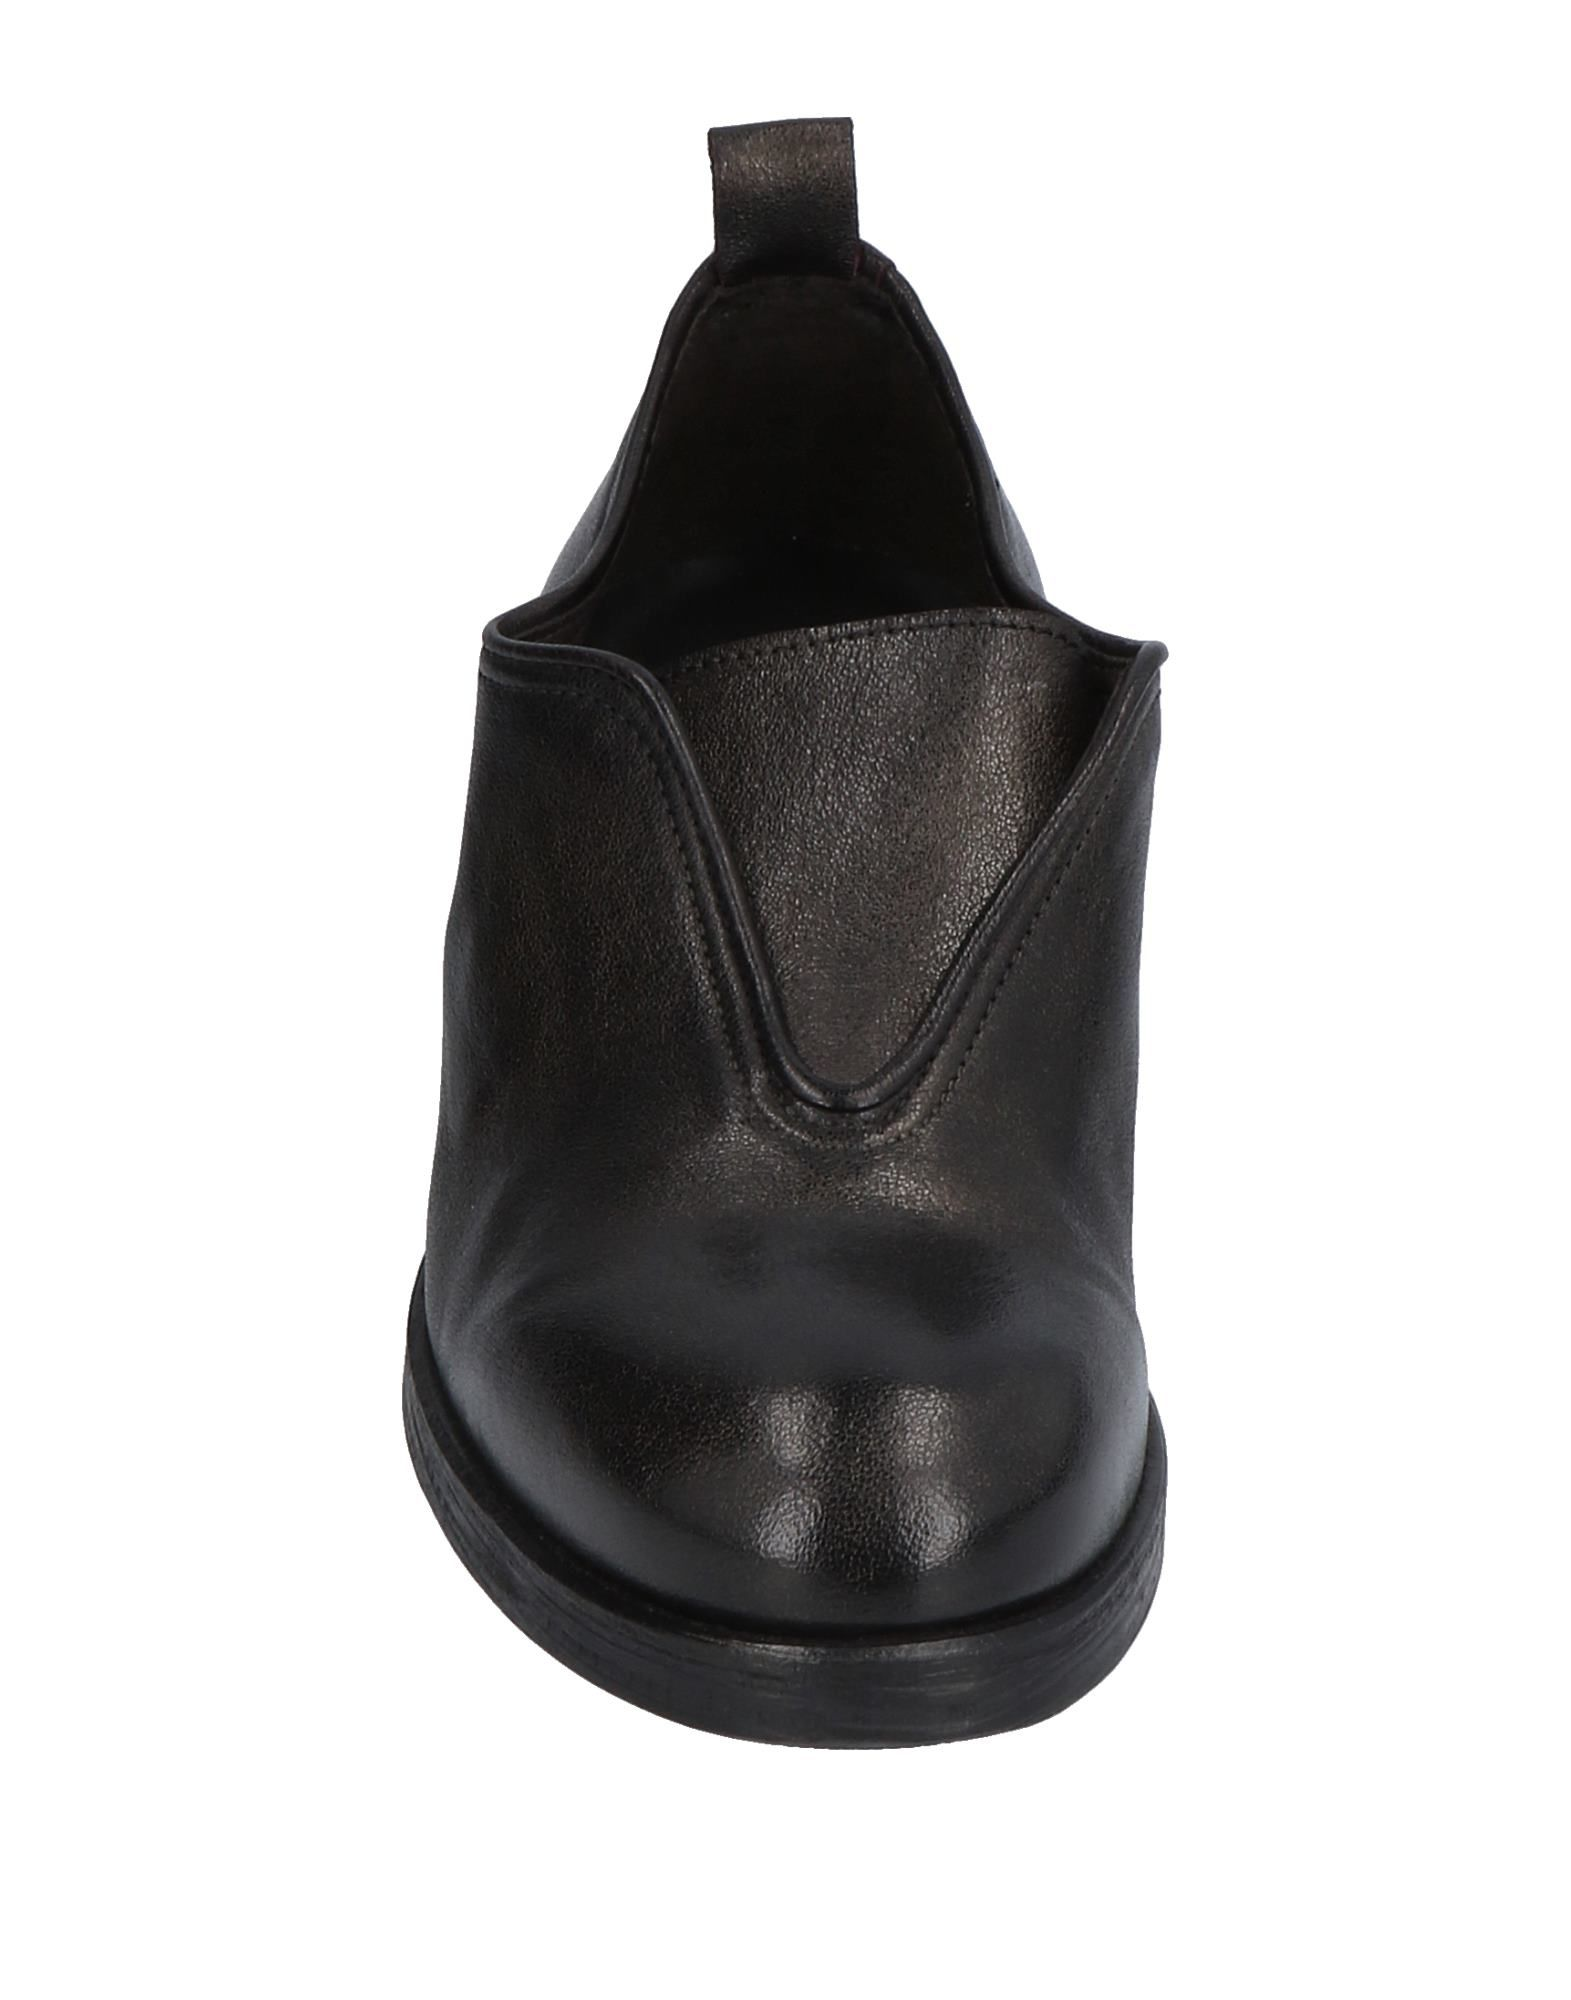 Gut tragenCavallini um billige Schuhe zu tragenCavallini Gut Mokassins Damen  11496982CJ 2fab9a